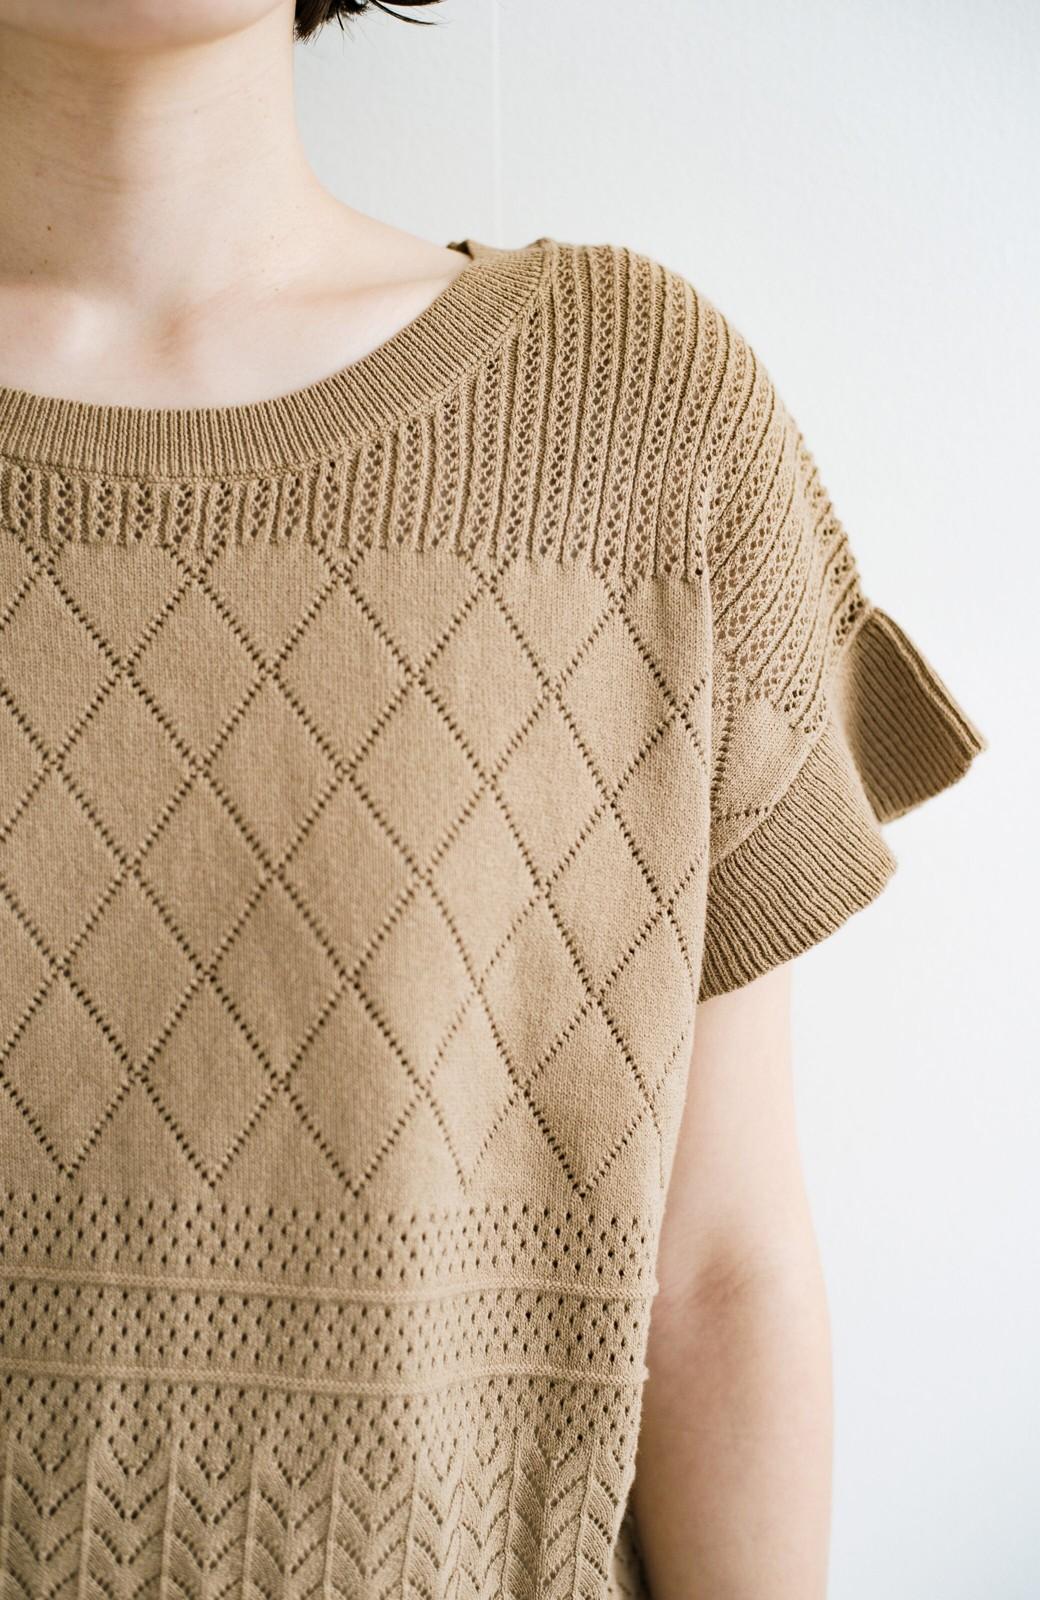 haco! (φ)透けすぎないから安心して着られる 華やか透かし編みニットトップス <カーキブラウン>の商品写真7